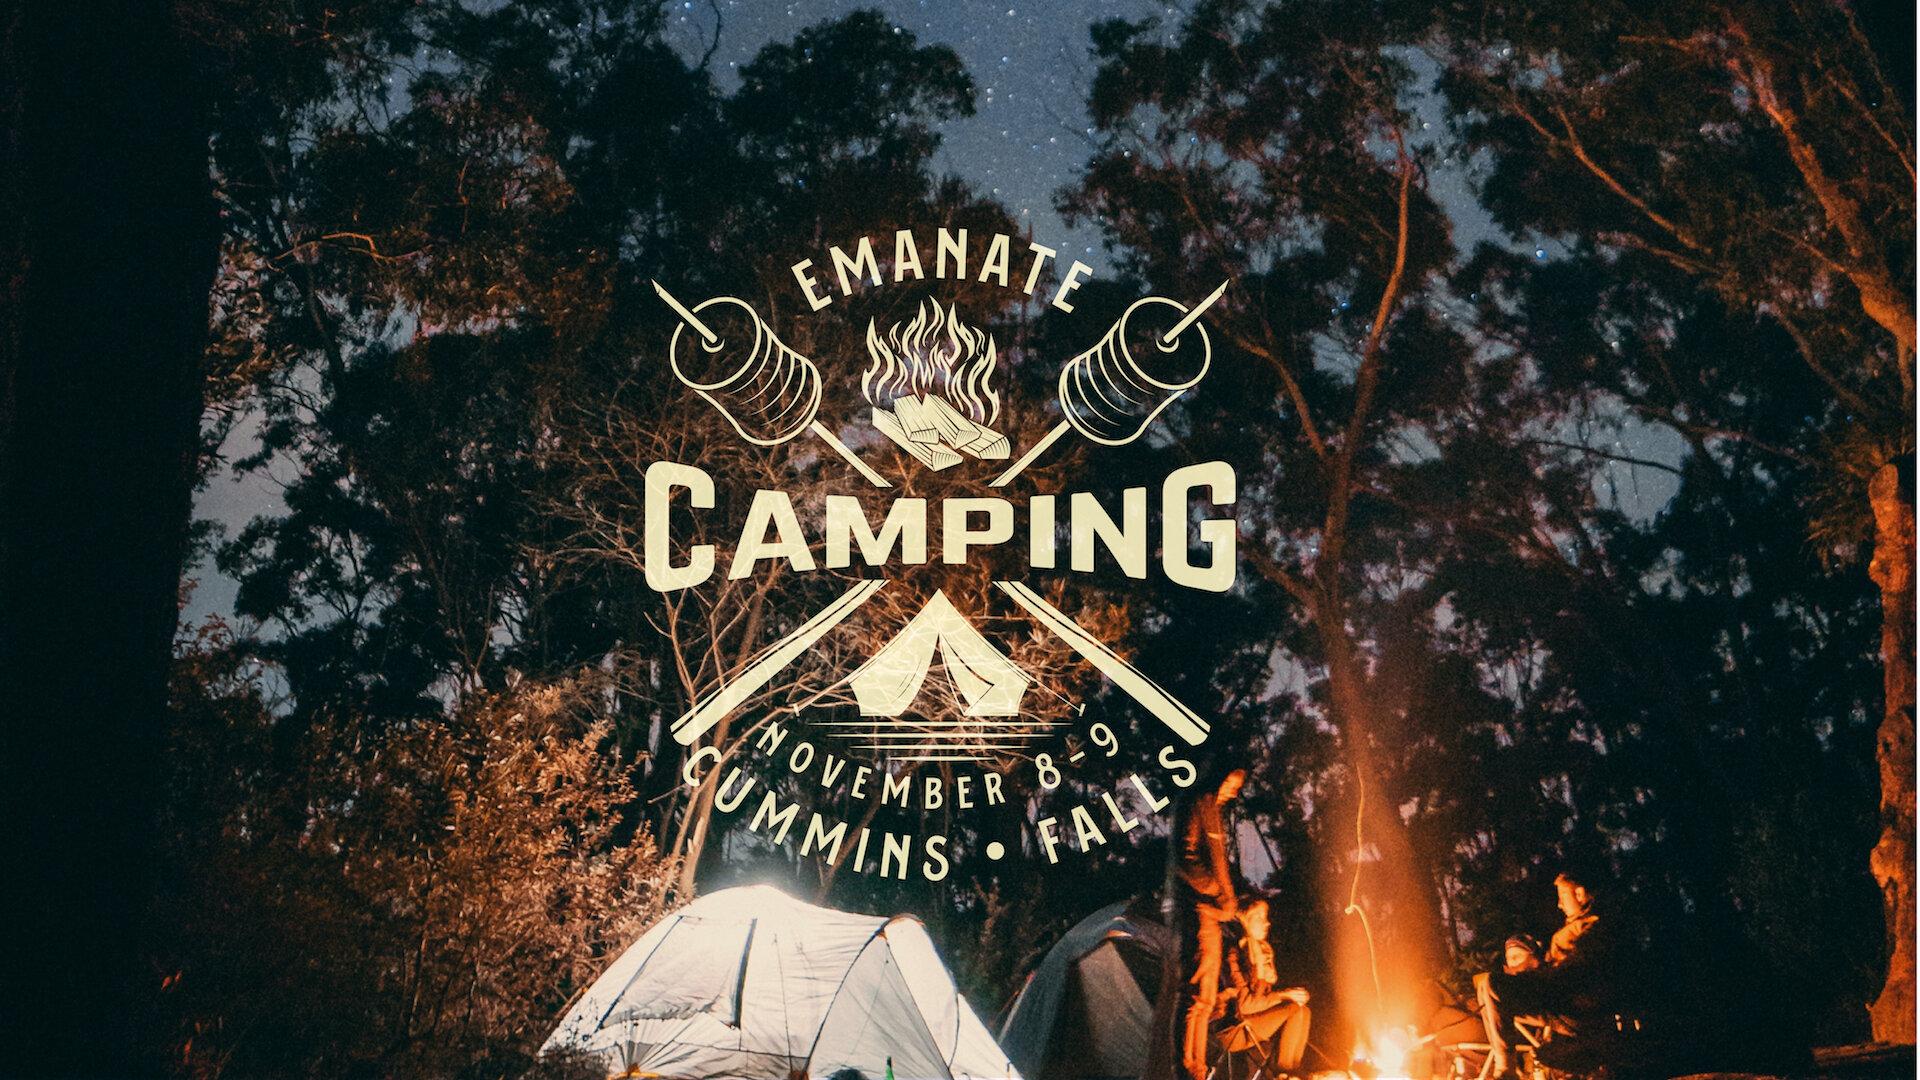 Emanate Camping.jpg